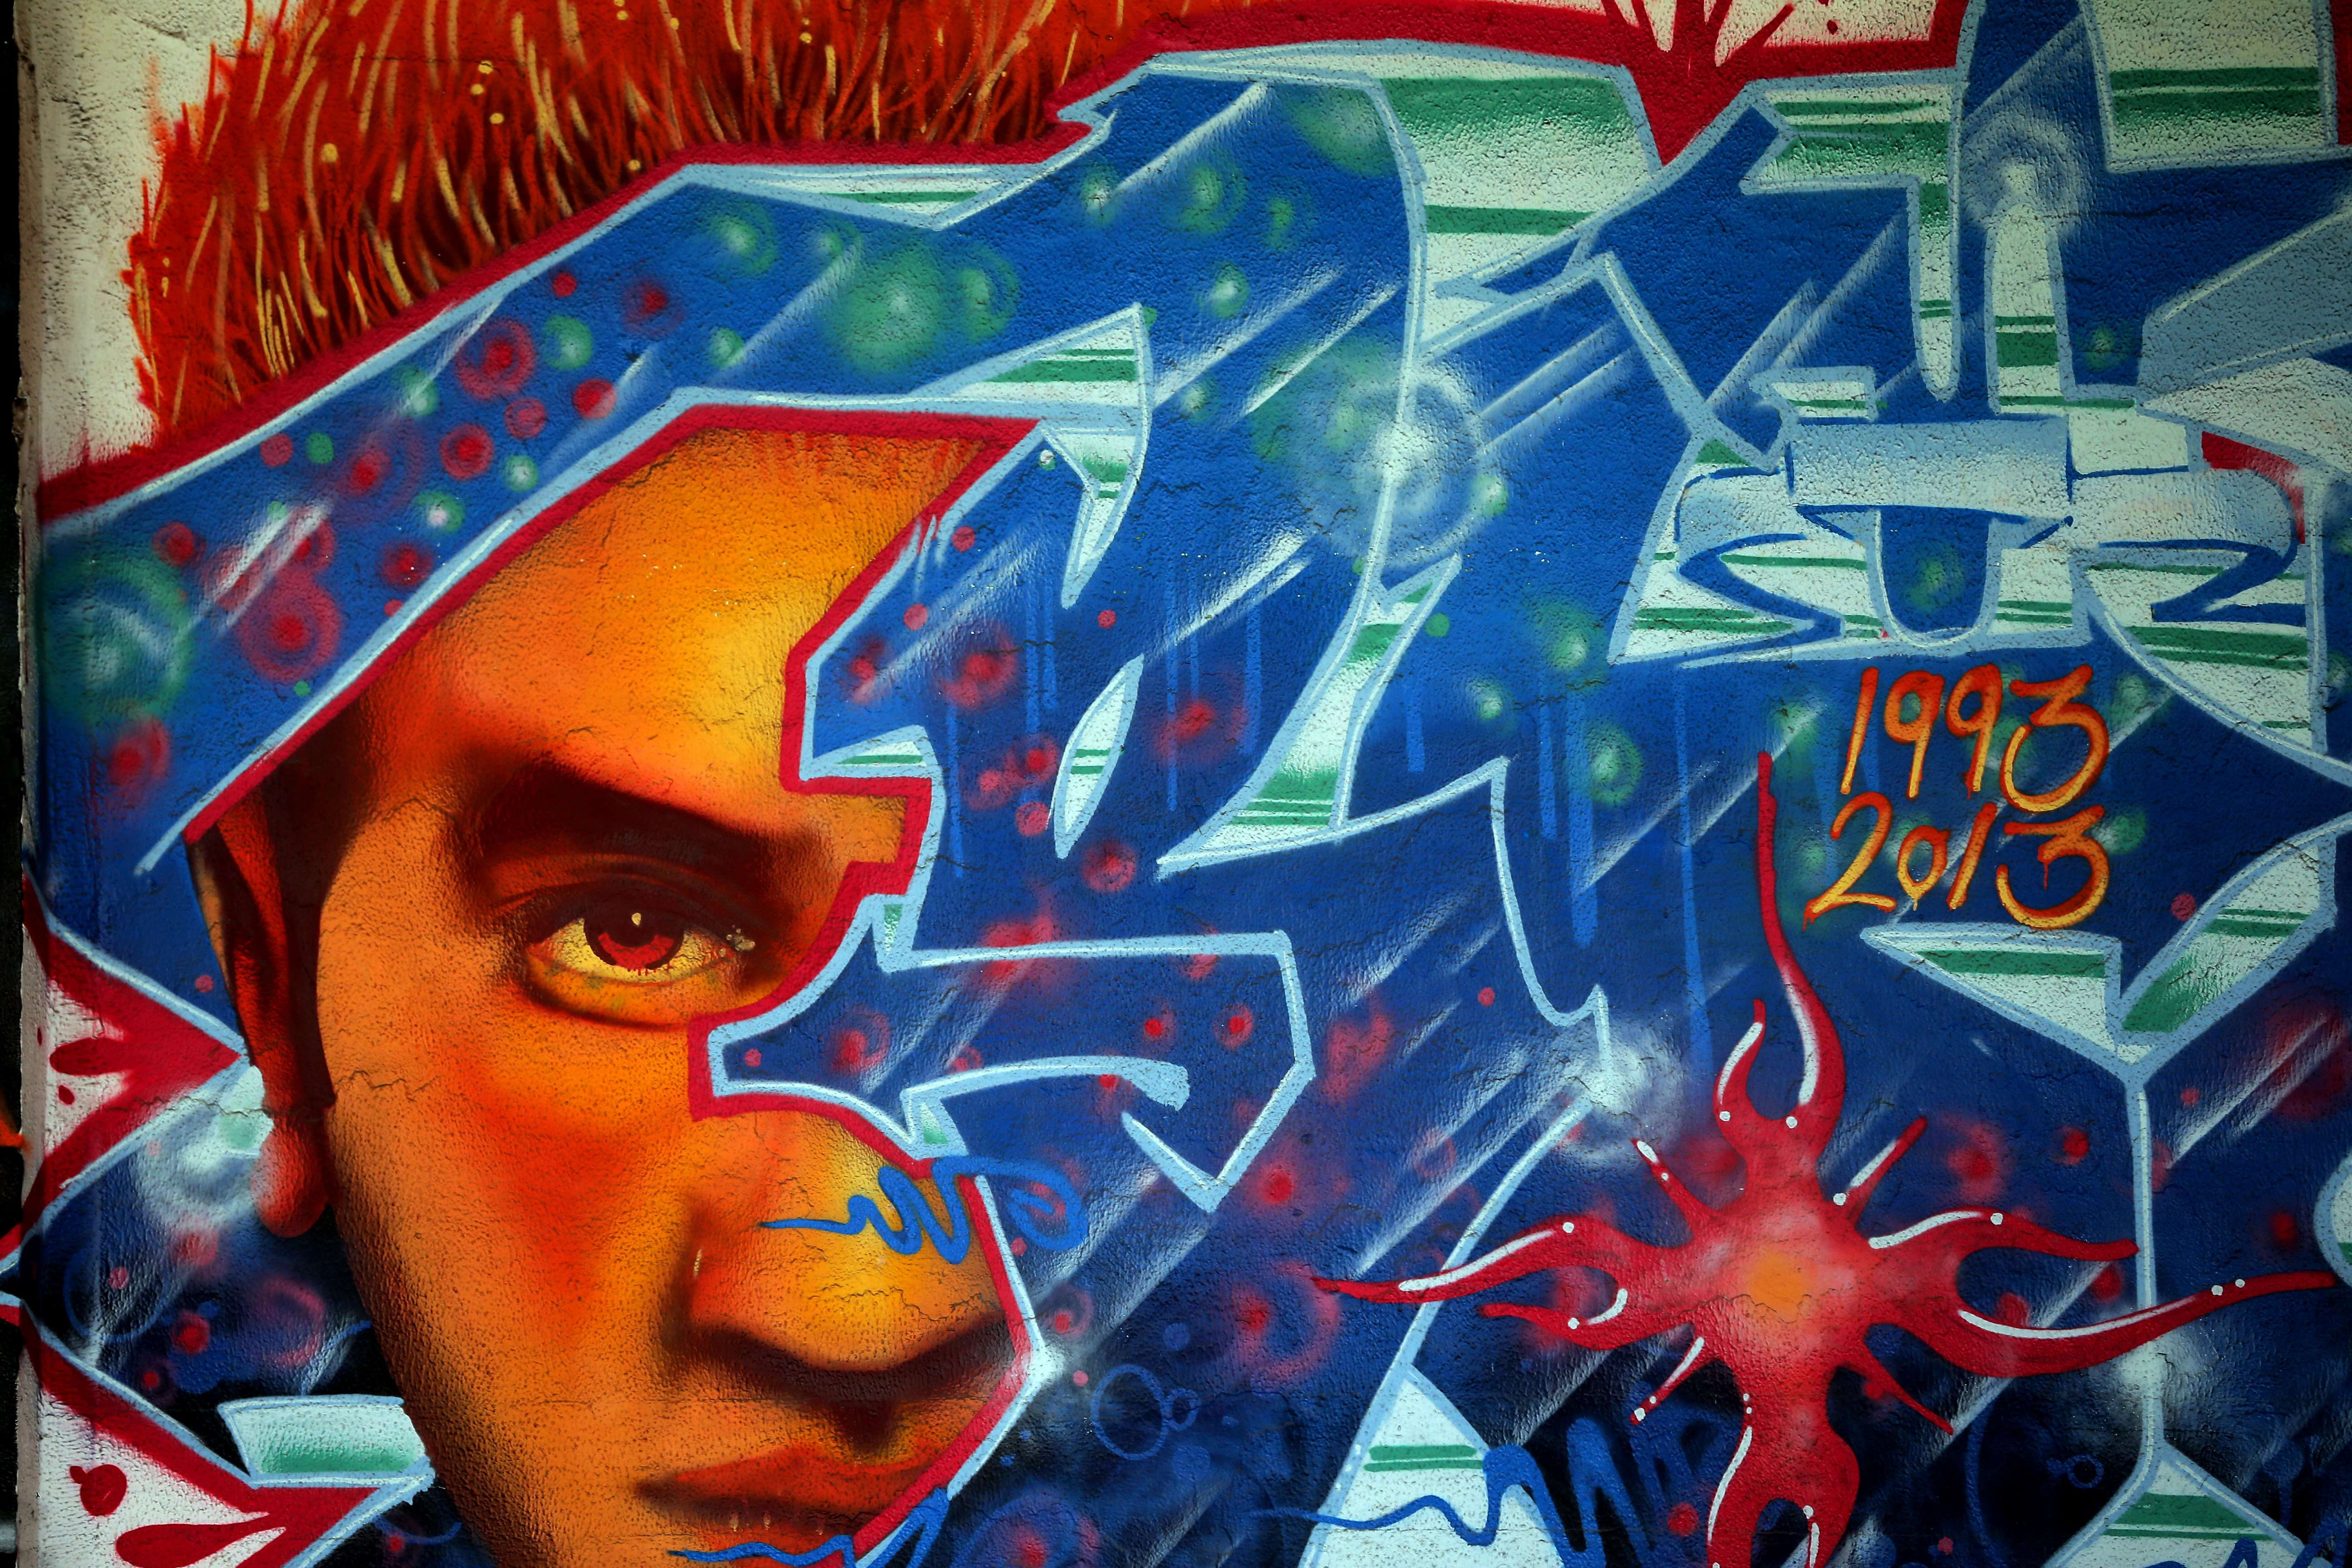 Street art in Lebanon